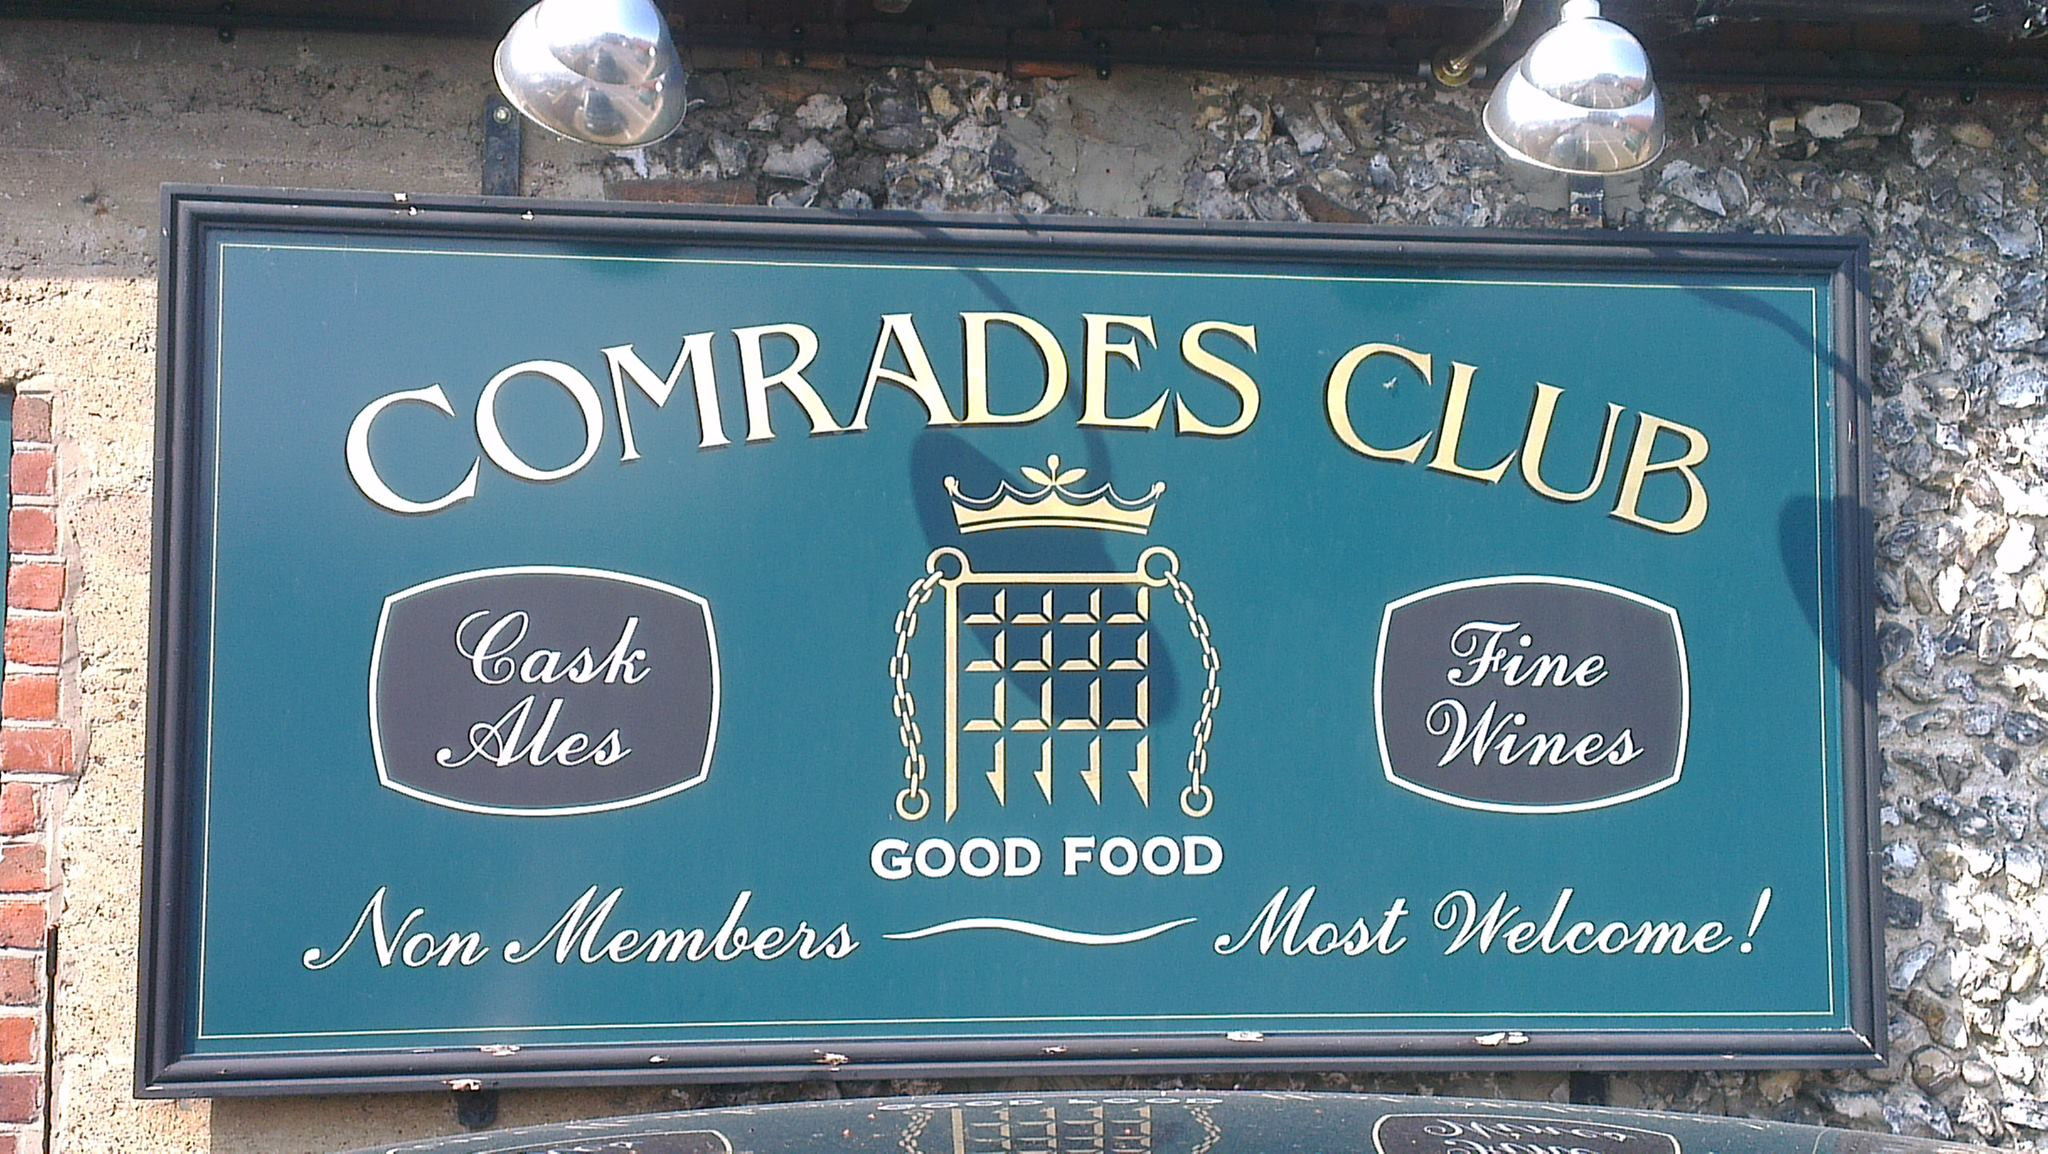 Comrades Club Wallingford